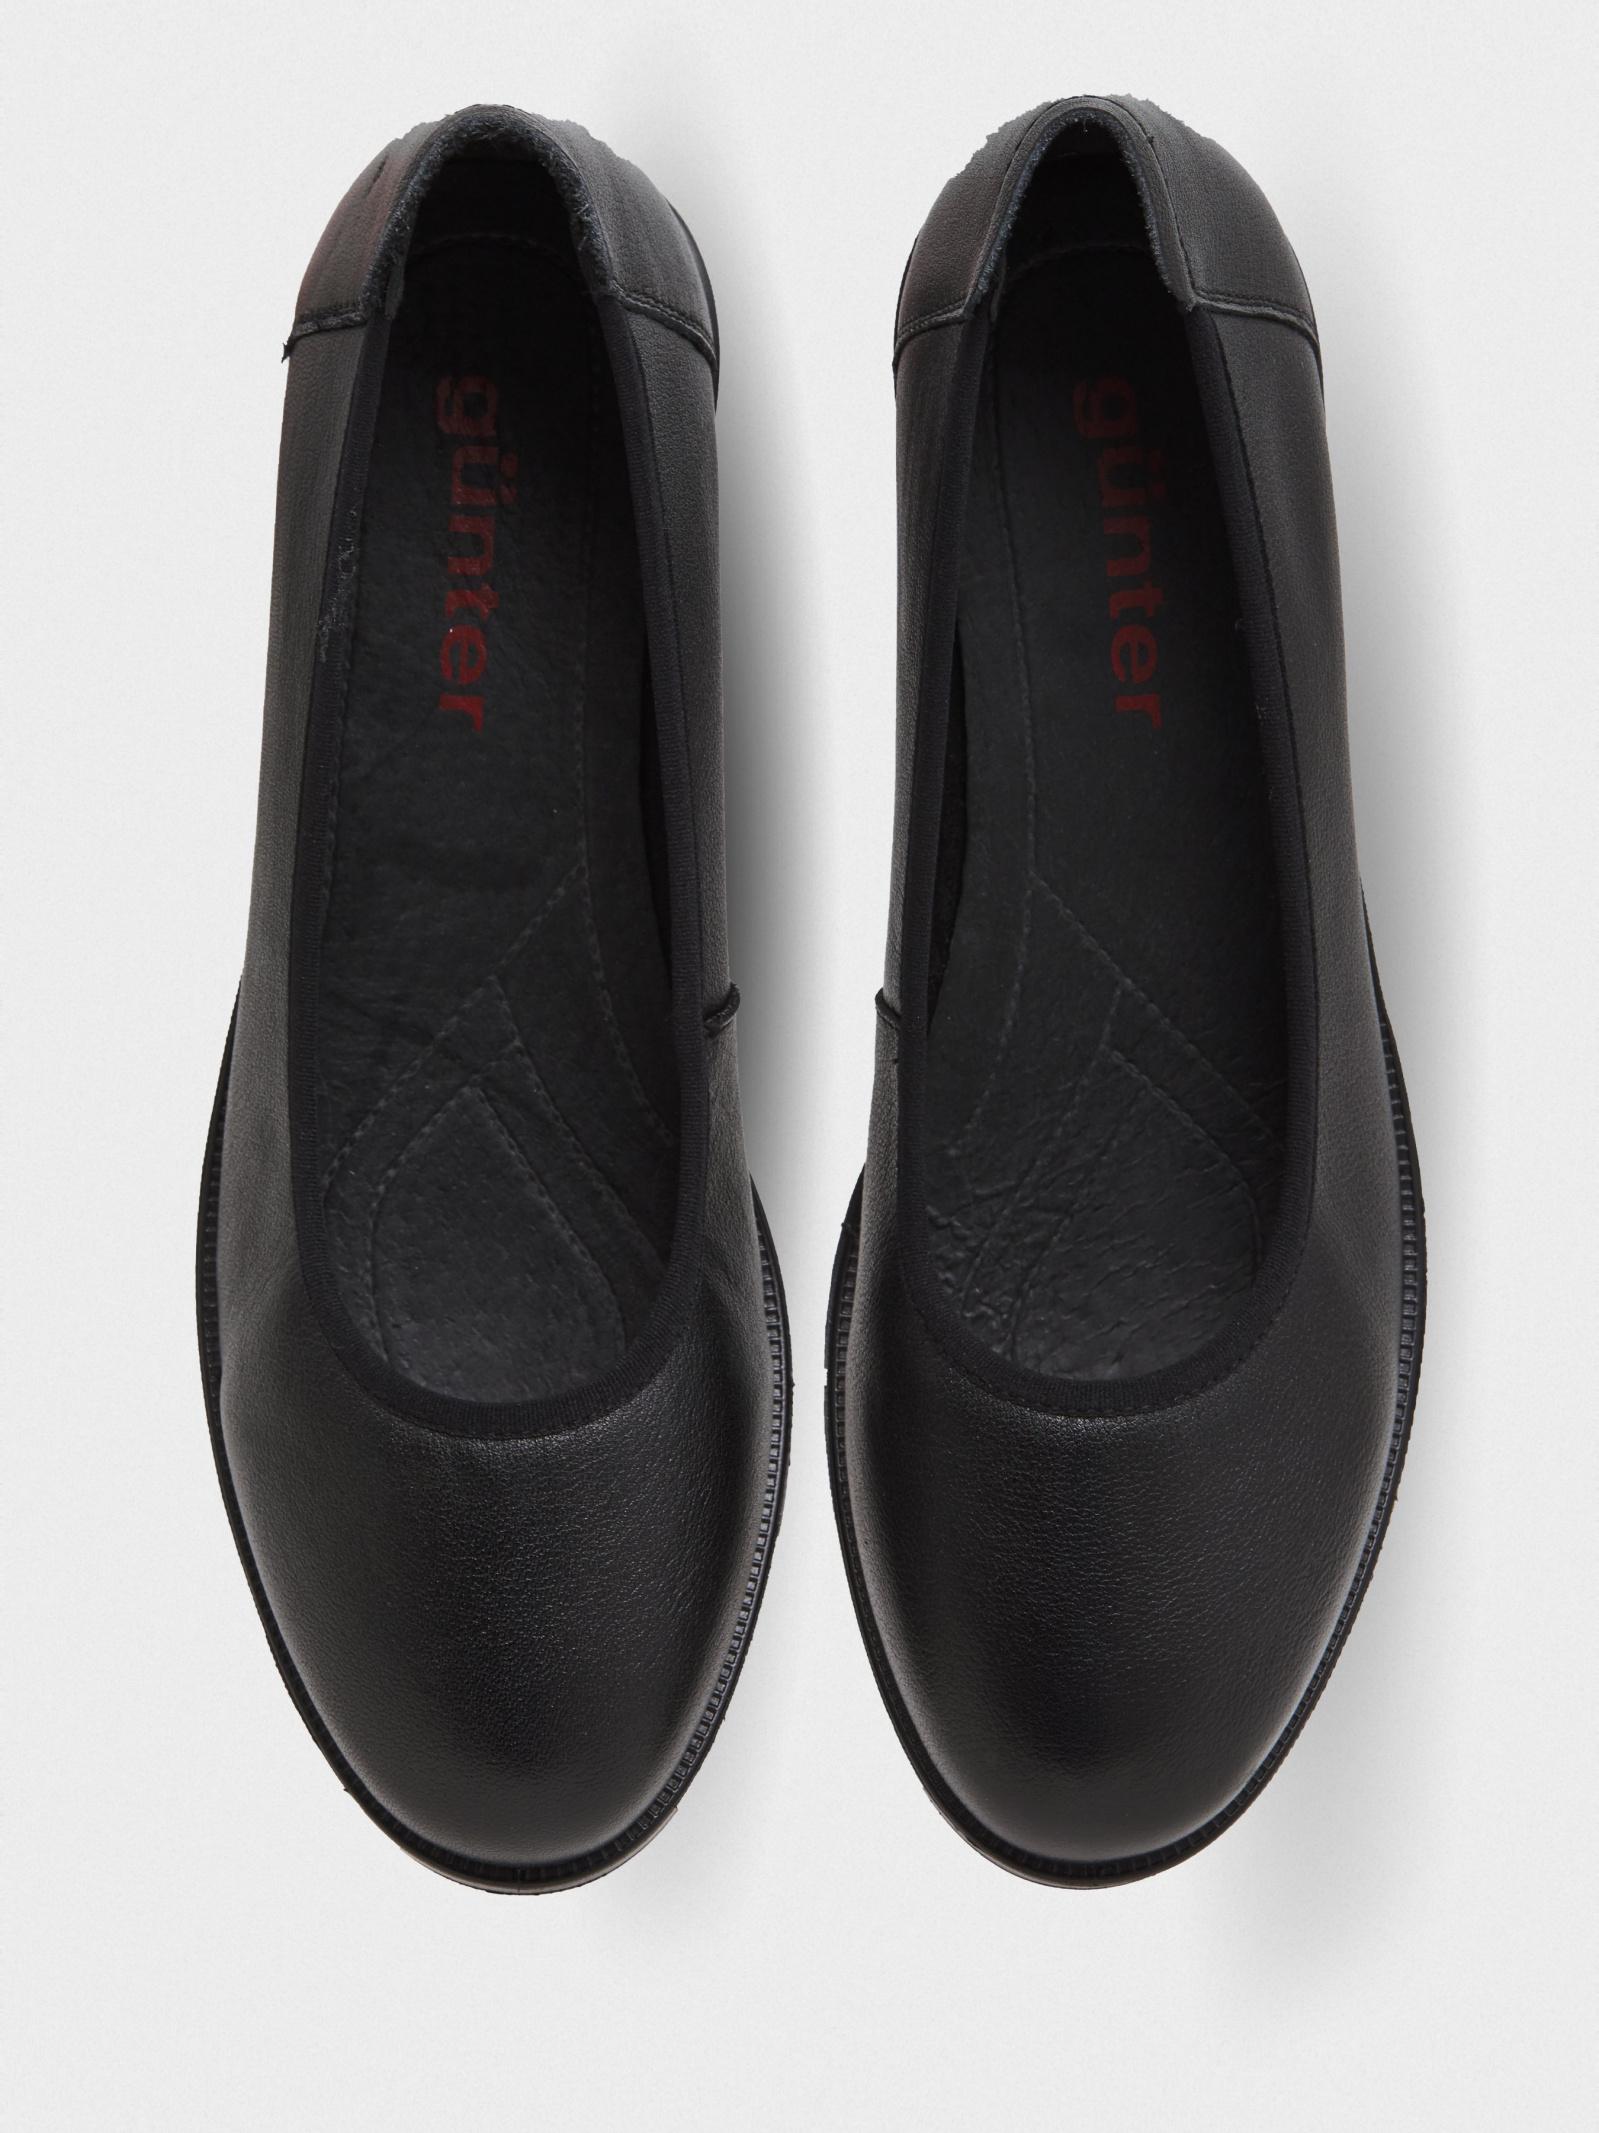 Туфли для женщин Gunter GR209 размерная сетка обуви, 2017